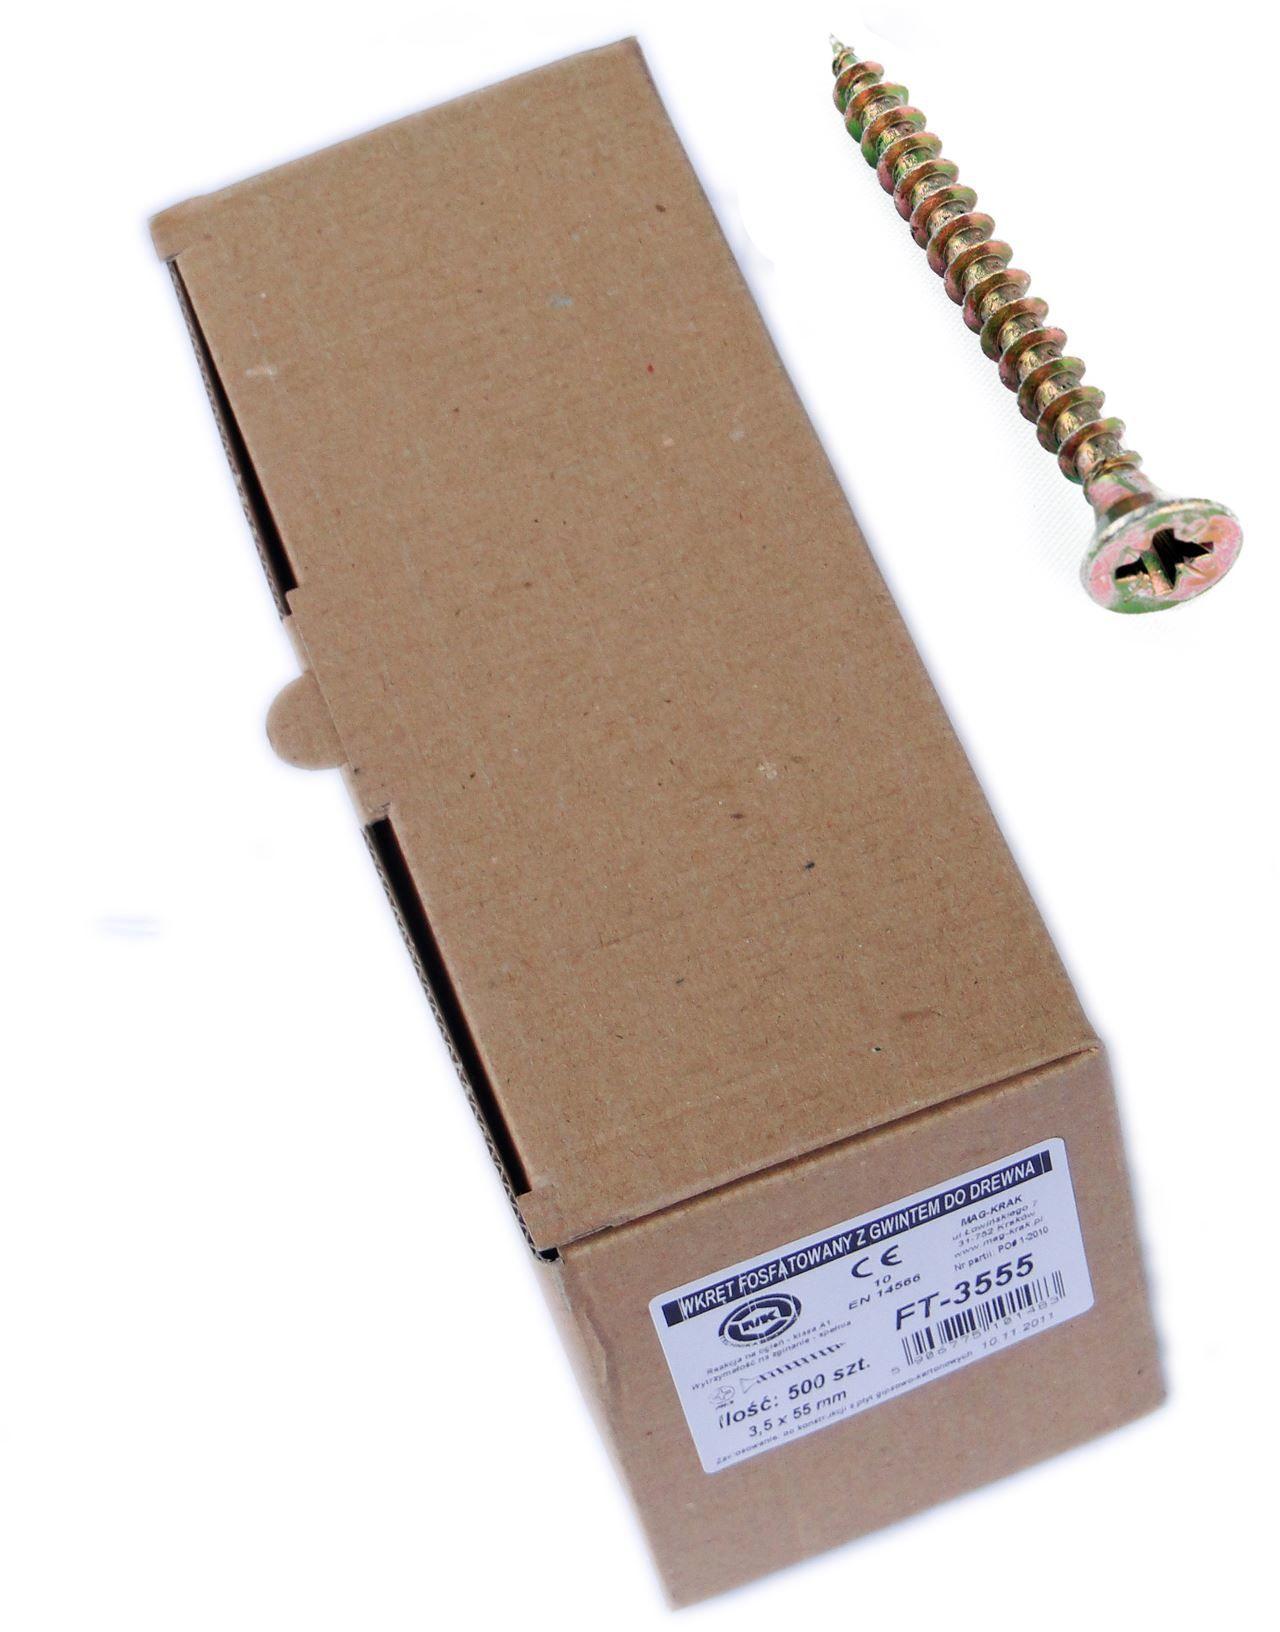 Wkręt hartowany konfekcja średnia 5,0x50mm